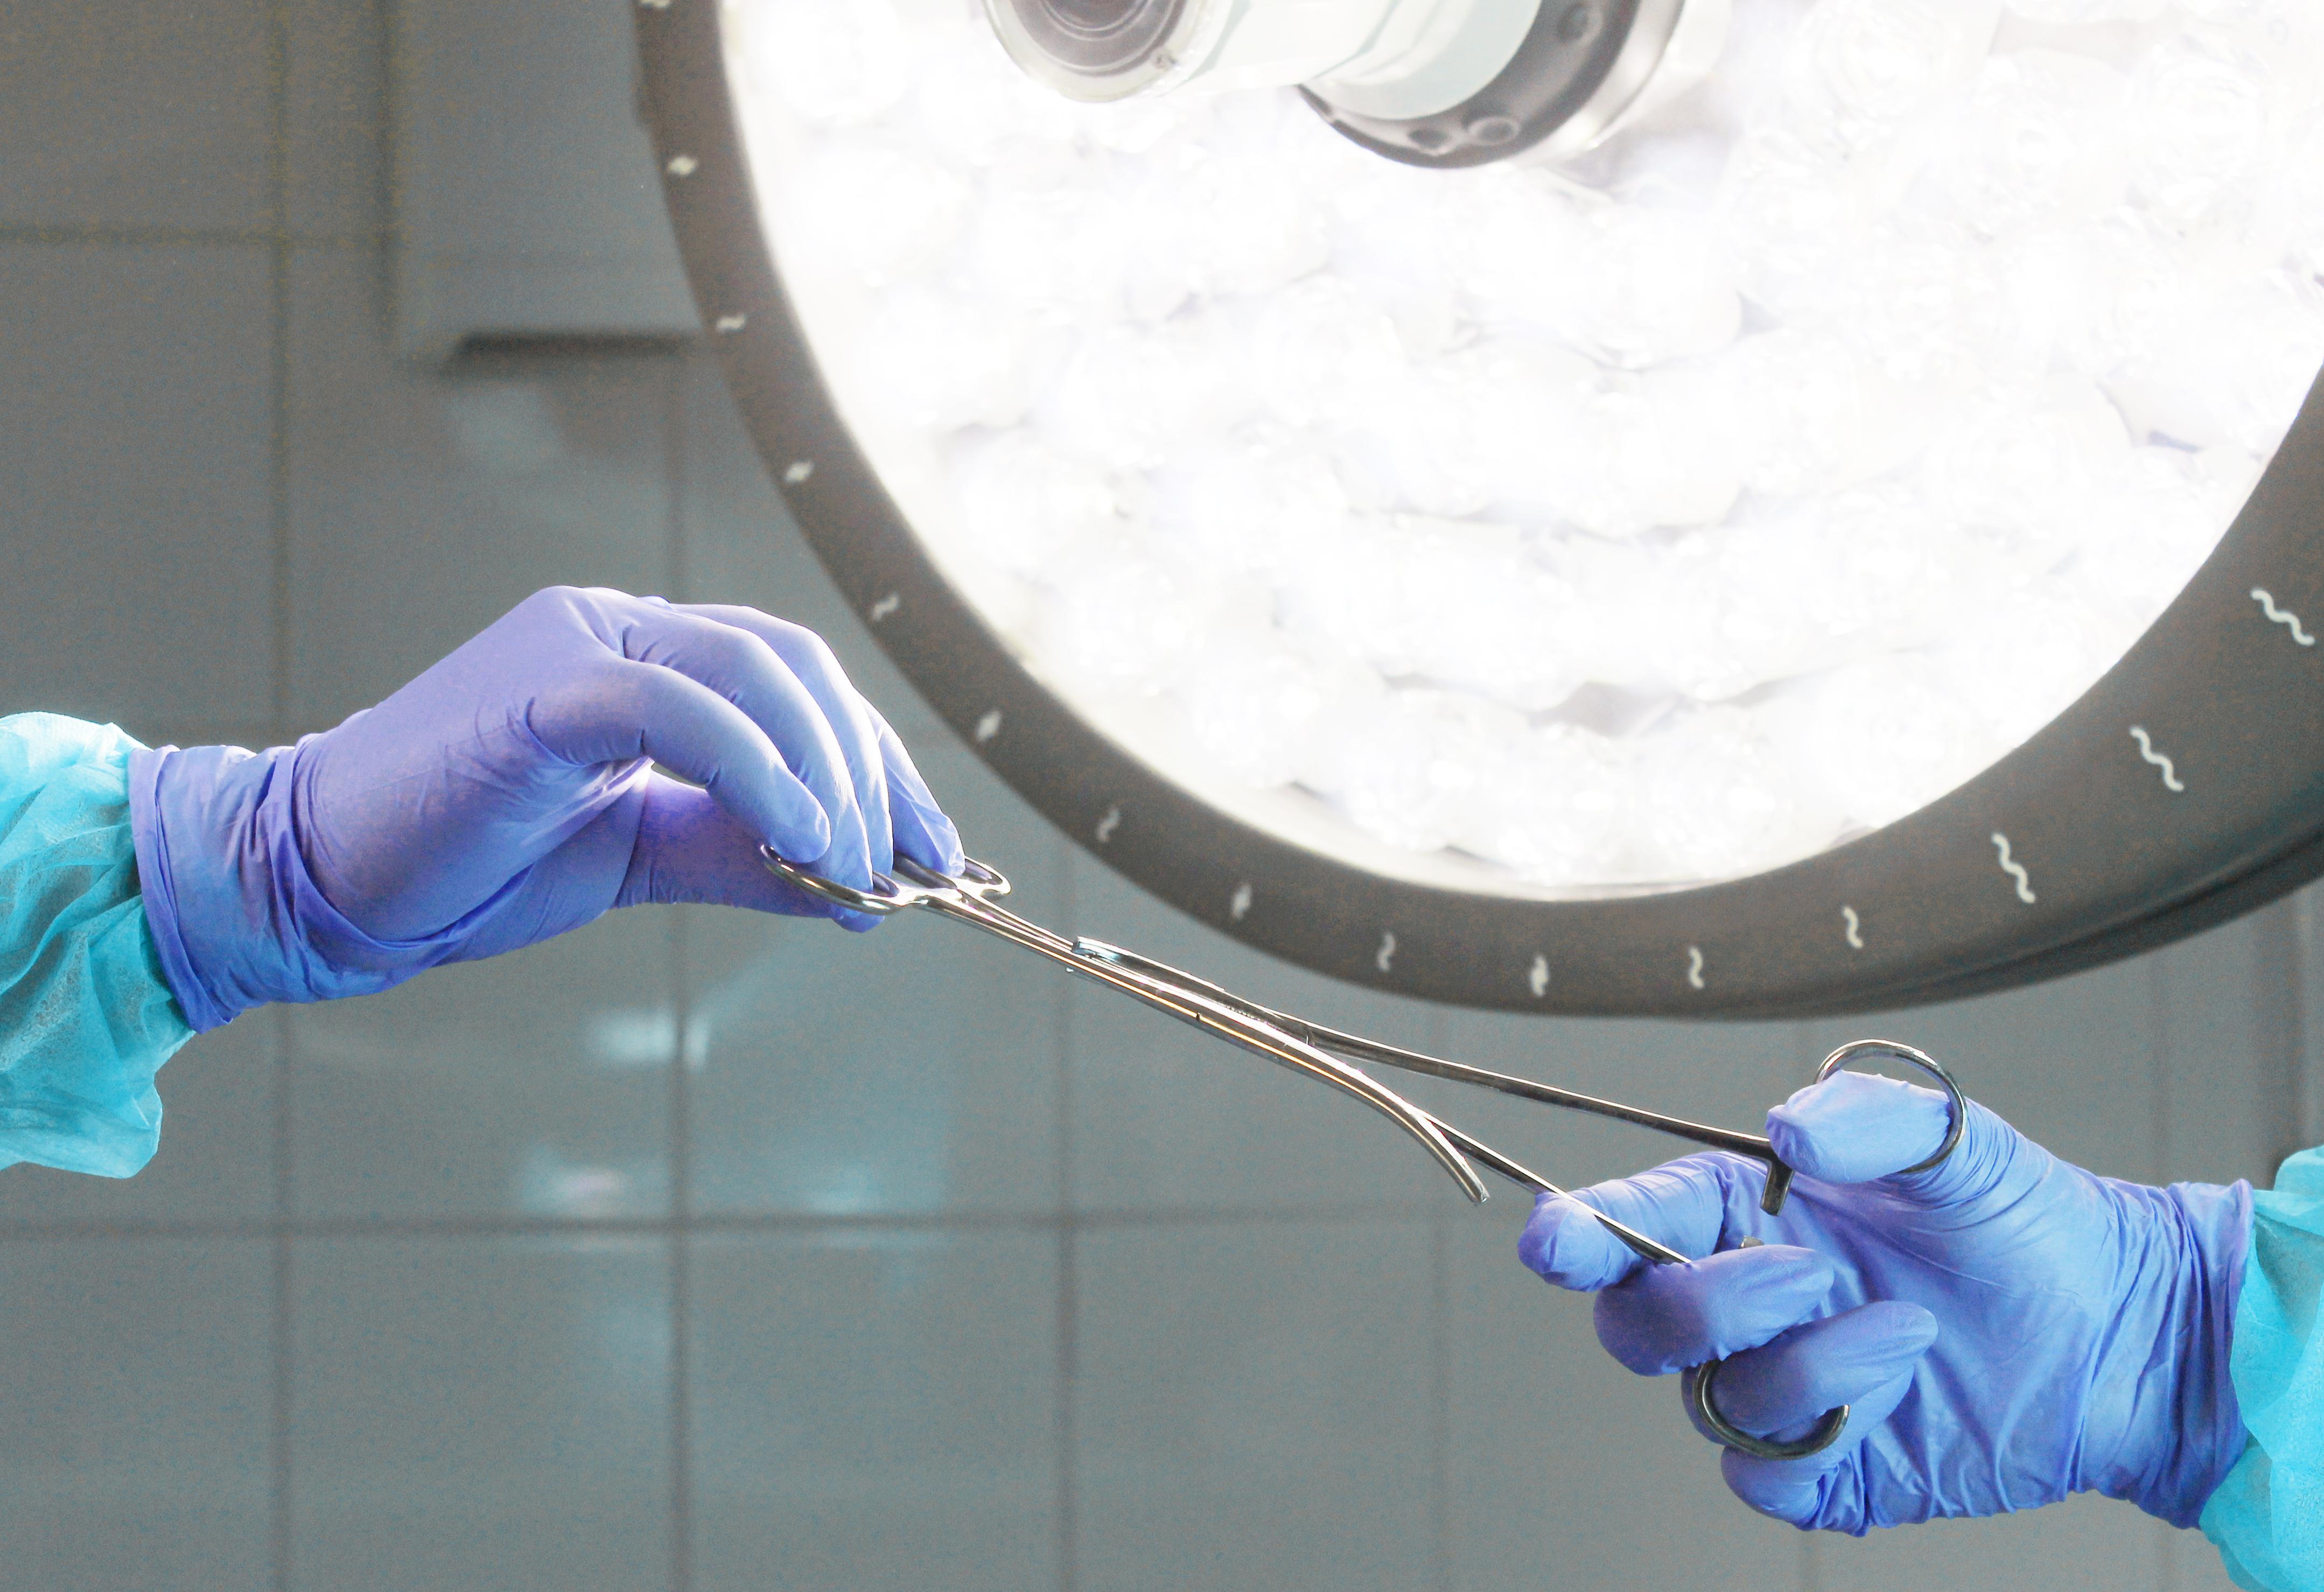 Curajul de a trece printr-o intervenţie chirurgicală | Providența - Policlinică și Spital